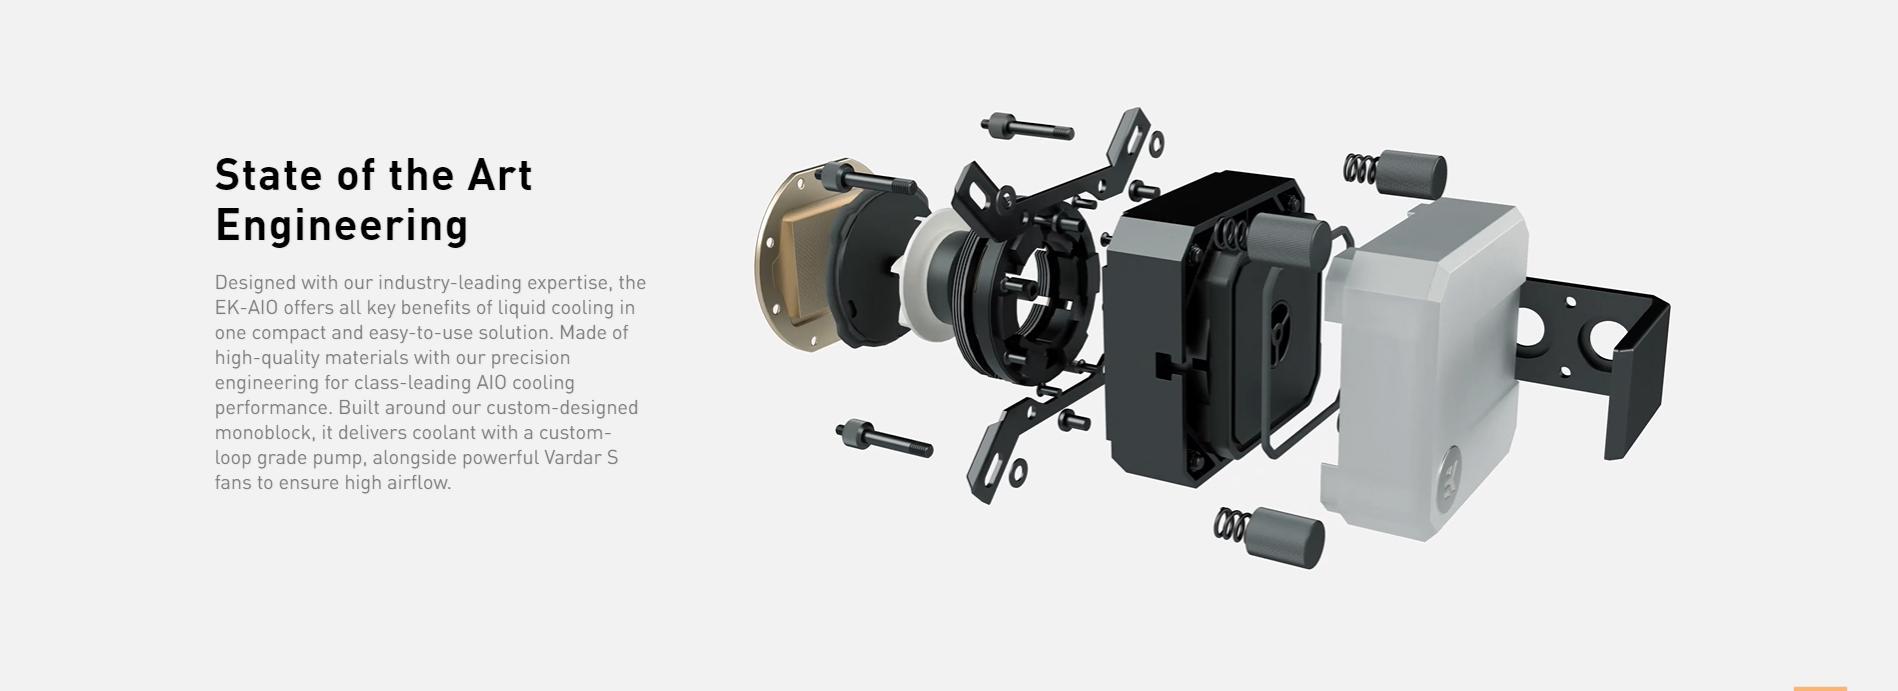 Tản nhiệt nước EK-AIO 240 D-RGB có thiết kế nhỏ gọn và dễ dàng sử dụng, lắp đặt